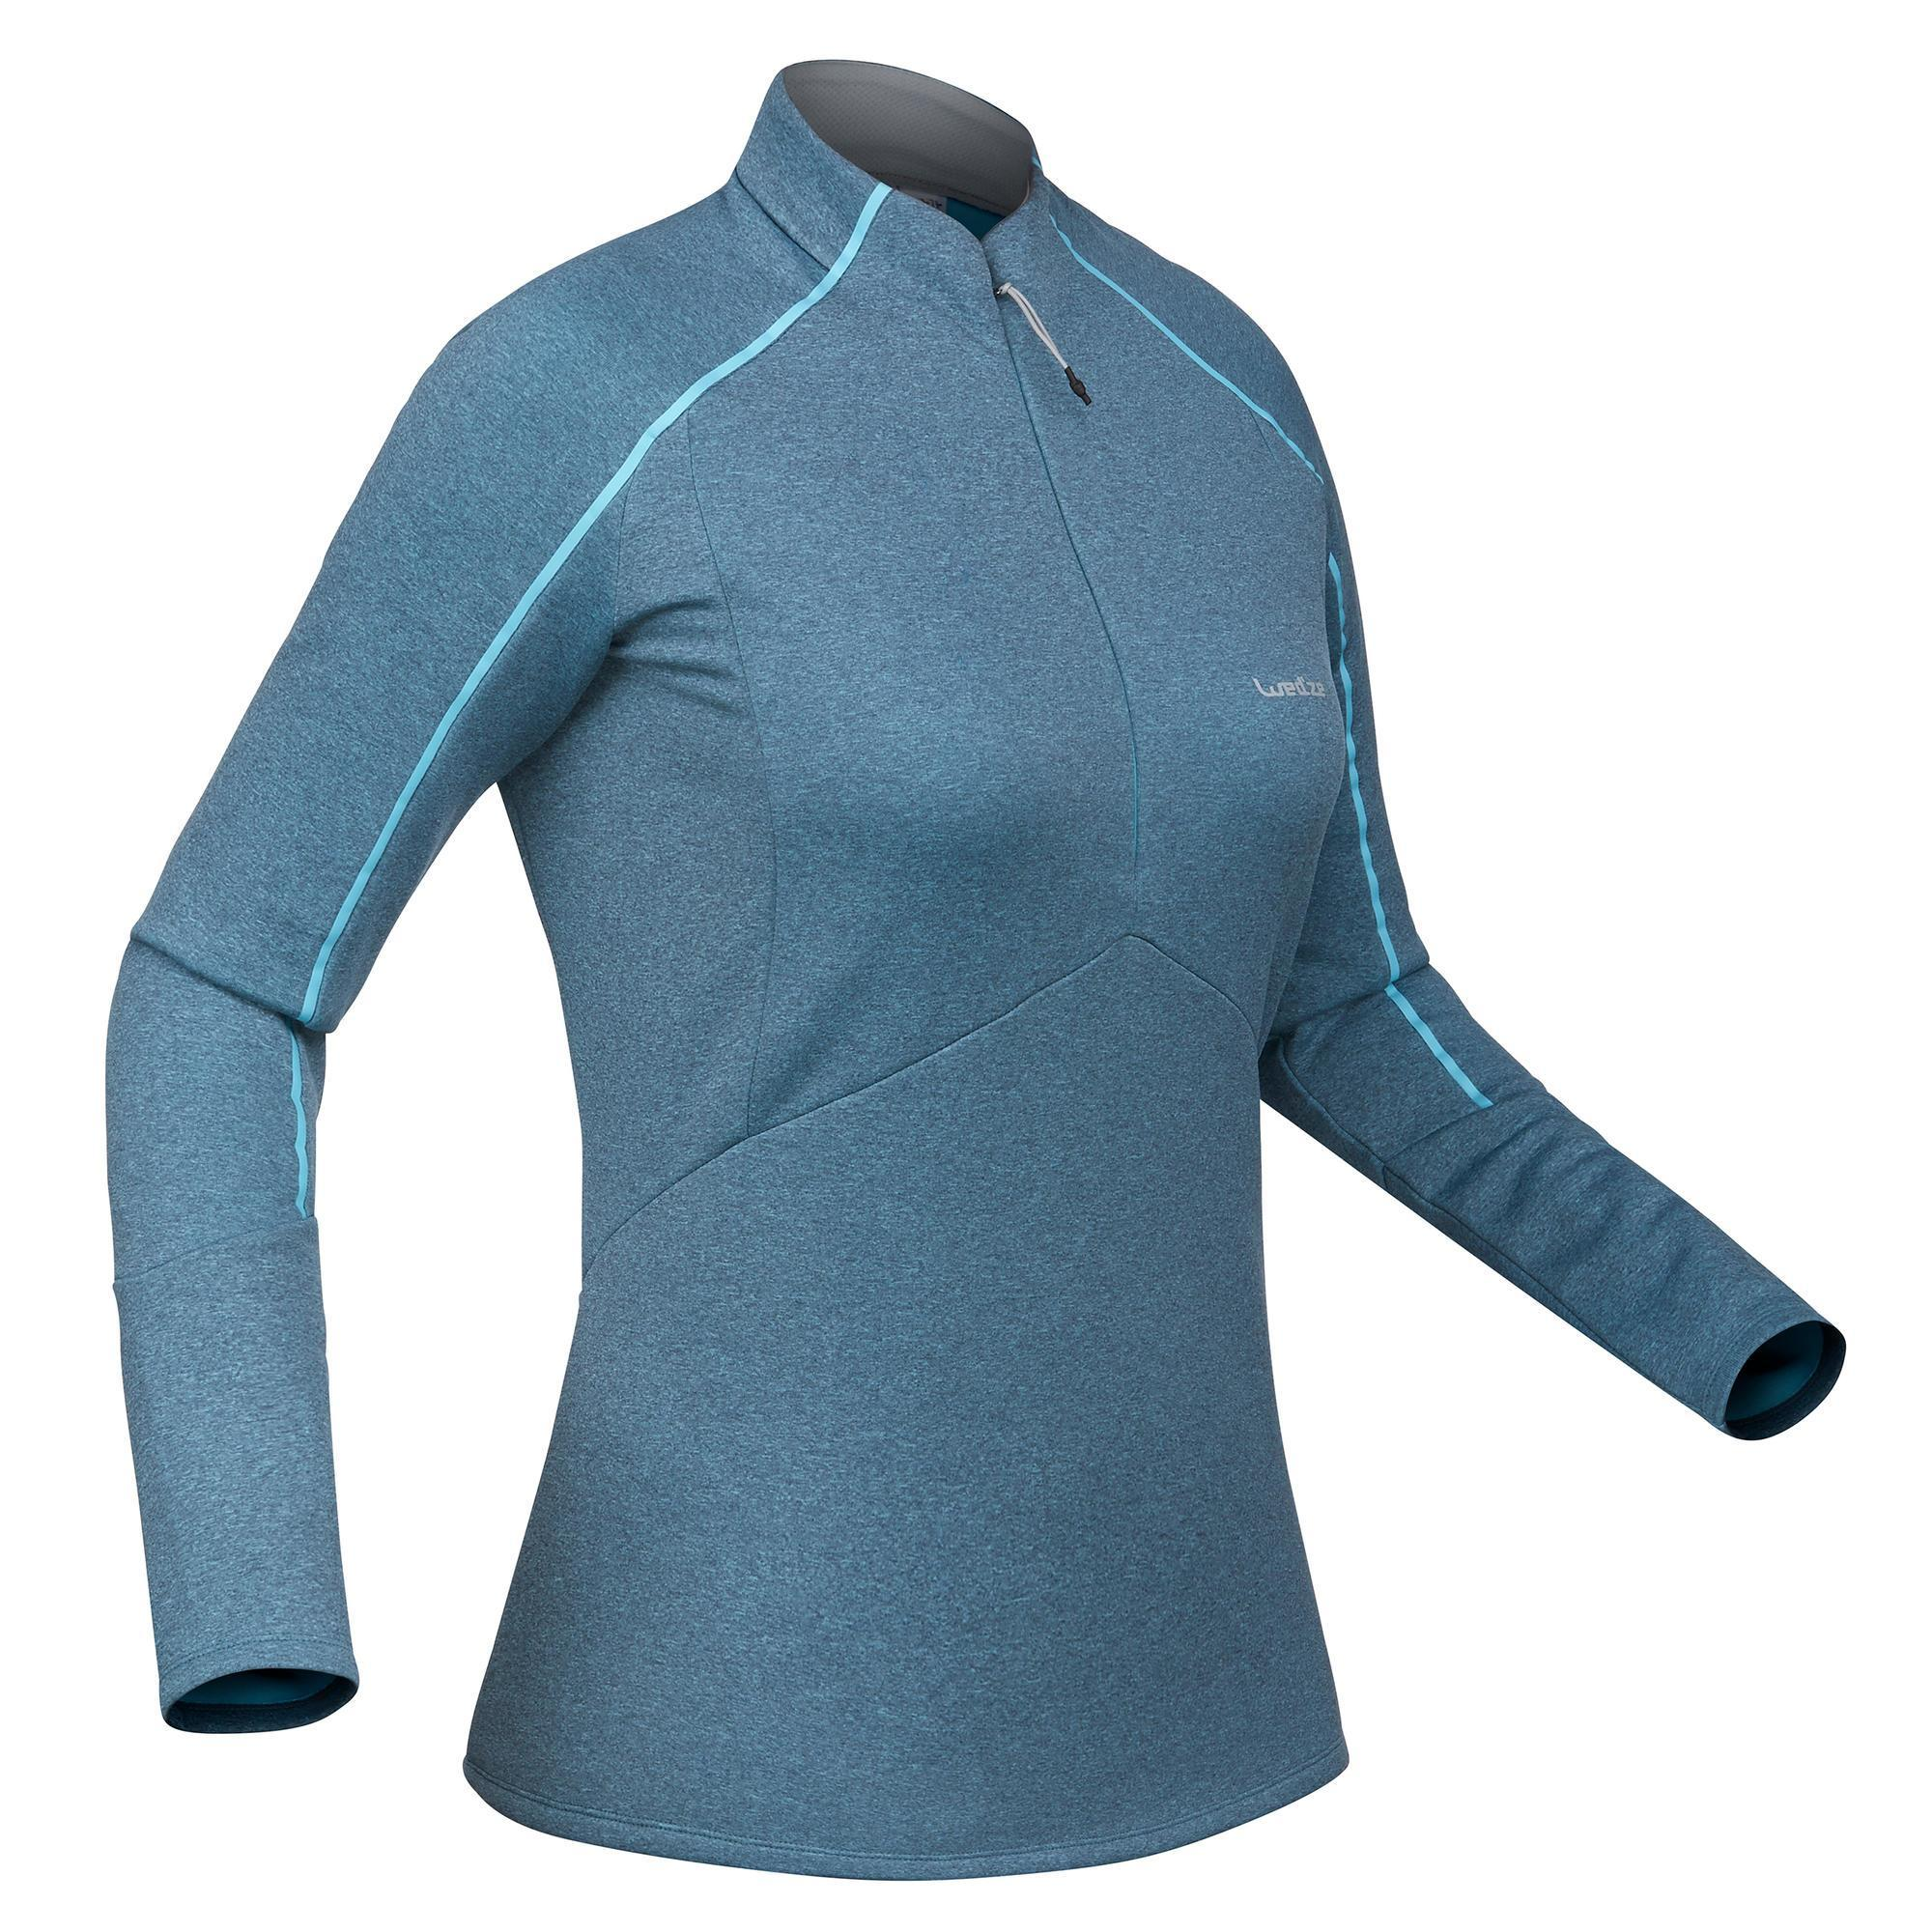 Skiunterhemd MD 500 Damen blau | Sportbekleidung > Funktionswäsche > Thermounterwäsche | Blau | Wed´ze